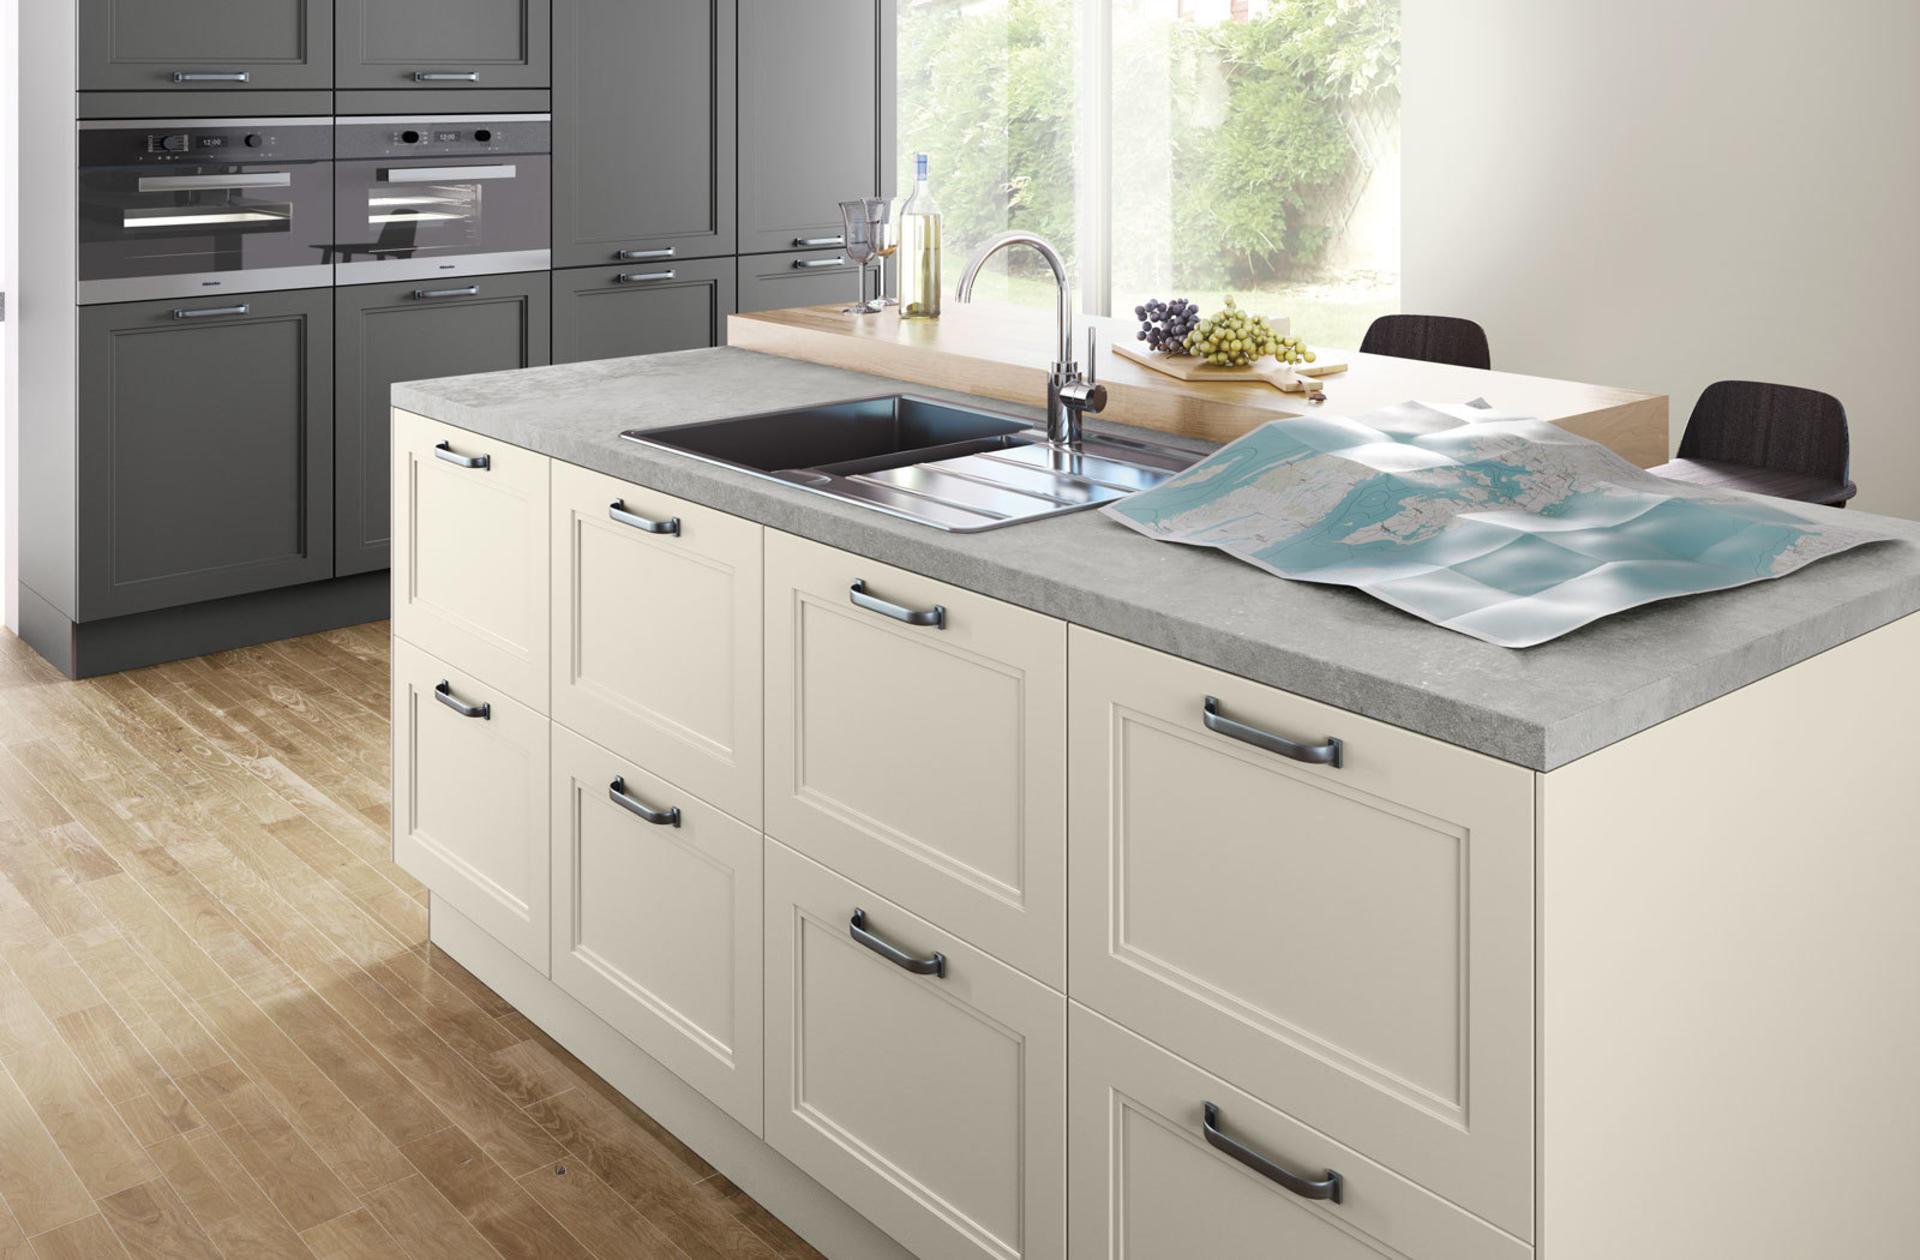 Кухни Häcker, Magnolia satin lacquer | Lava grey satin lacquer | 5035, фото 3